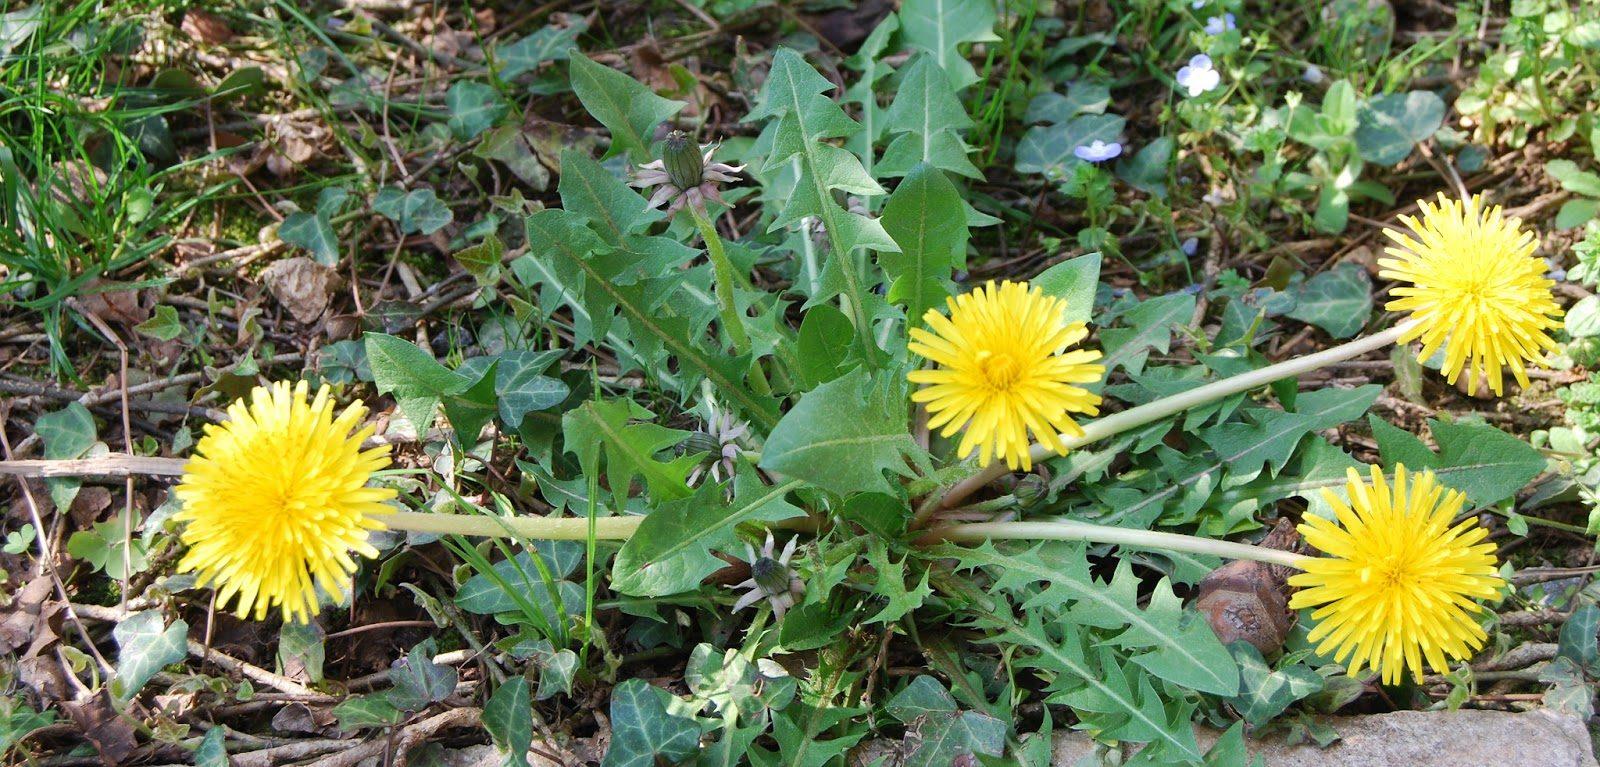 piante selvatiche commestibili , Tarassaco